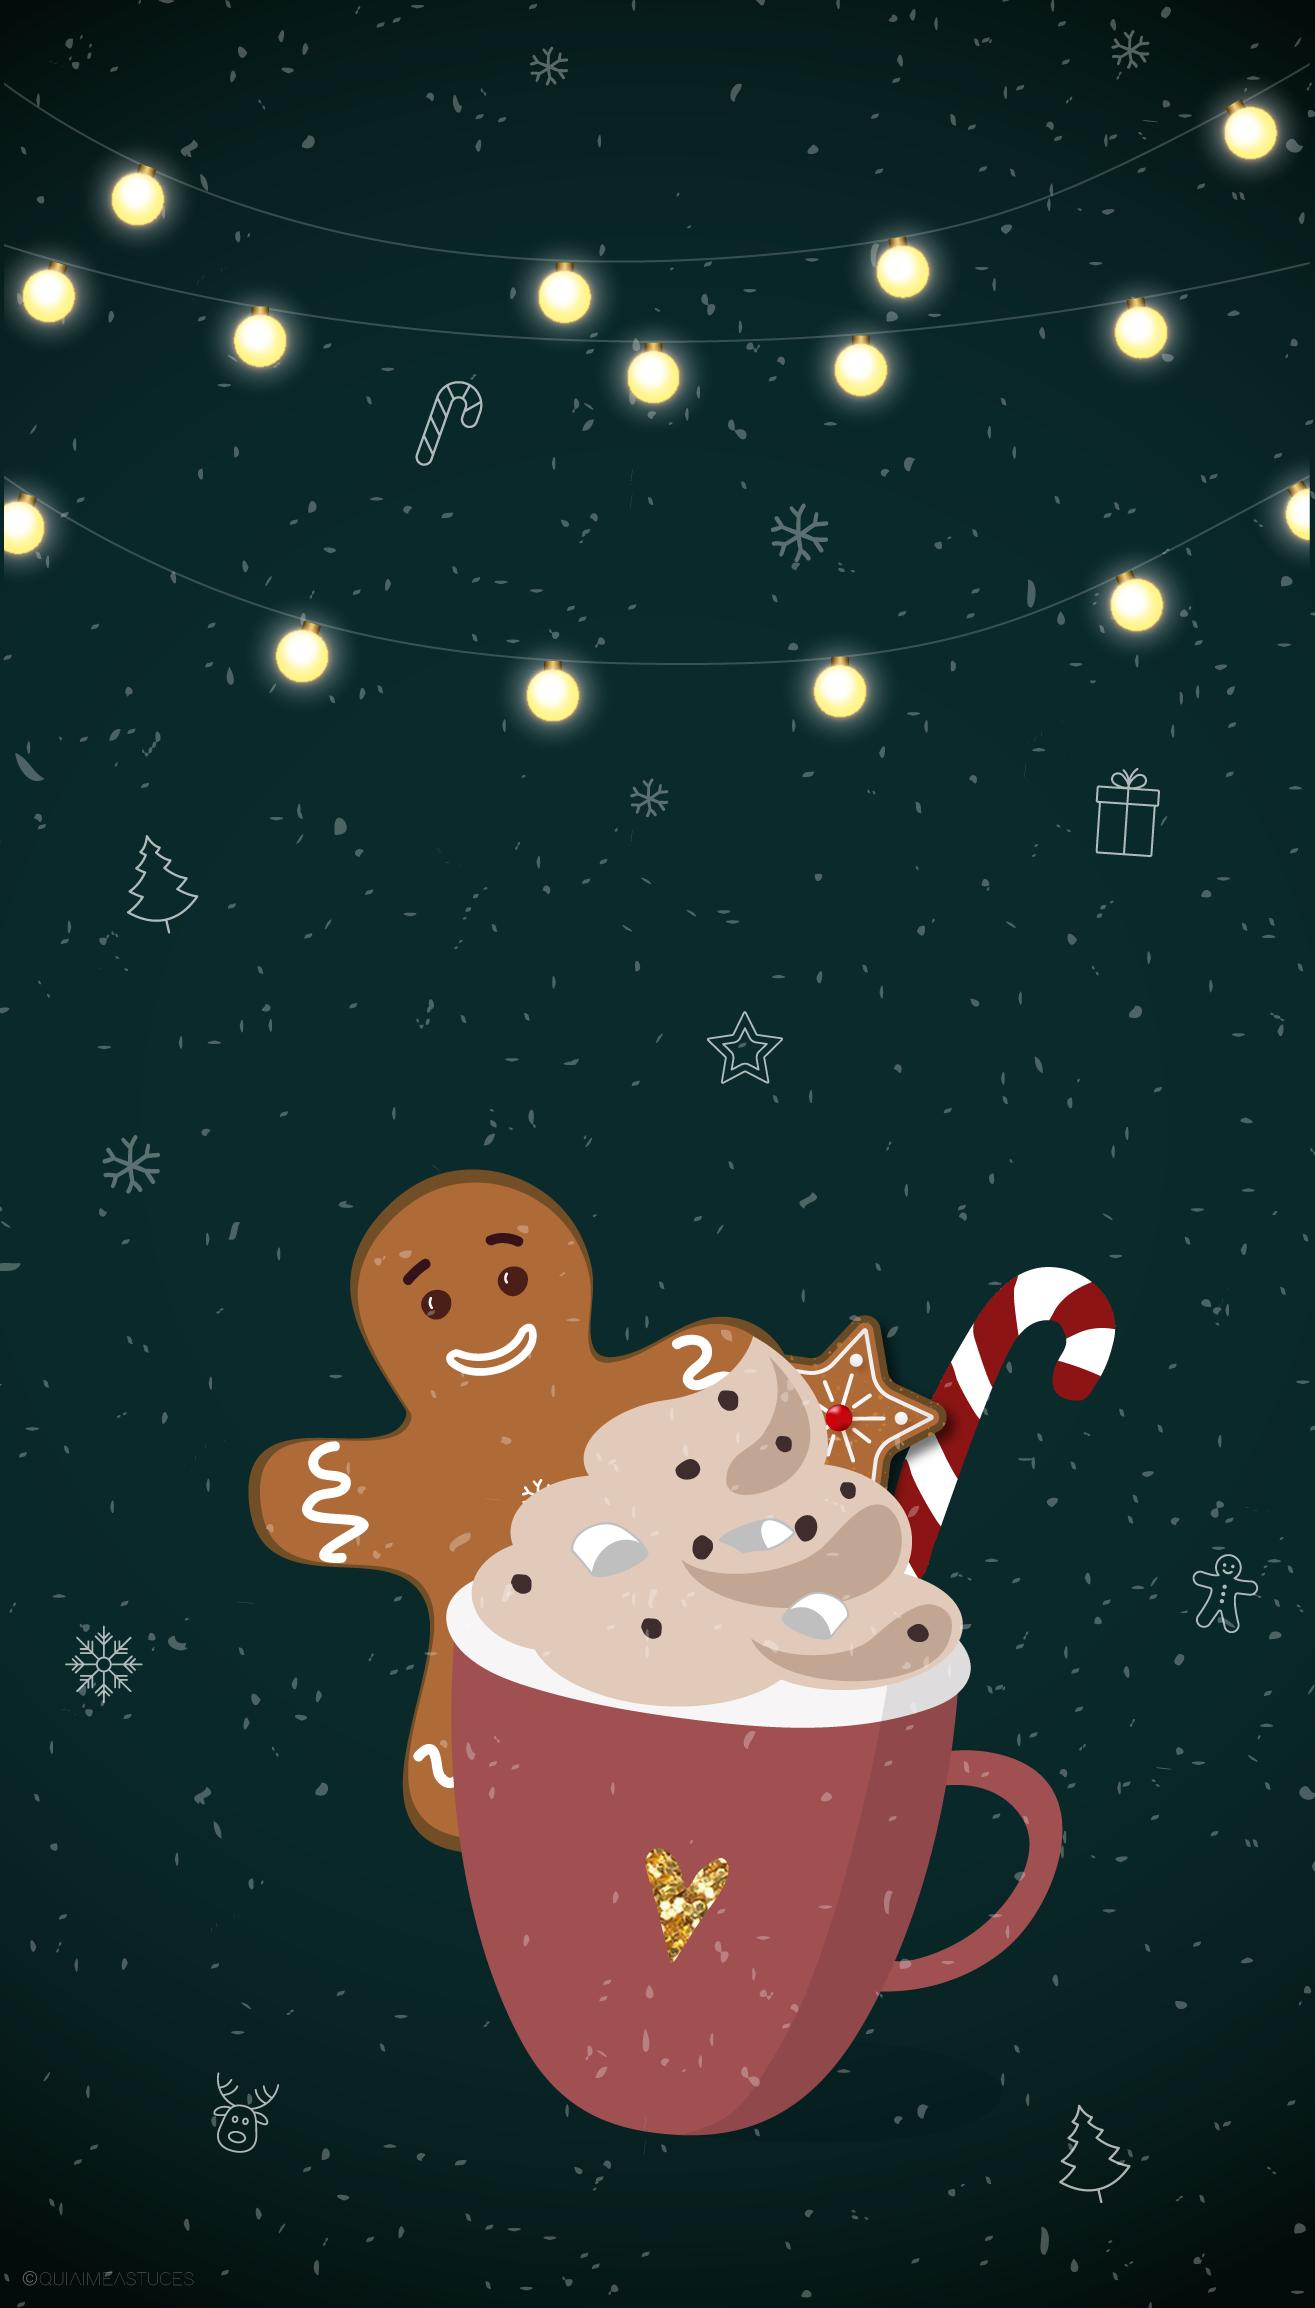 FONDS D'ÉCRAN #24 - WARM CHRISTMAS #marshmallows